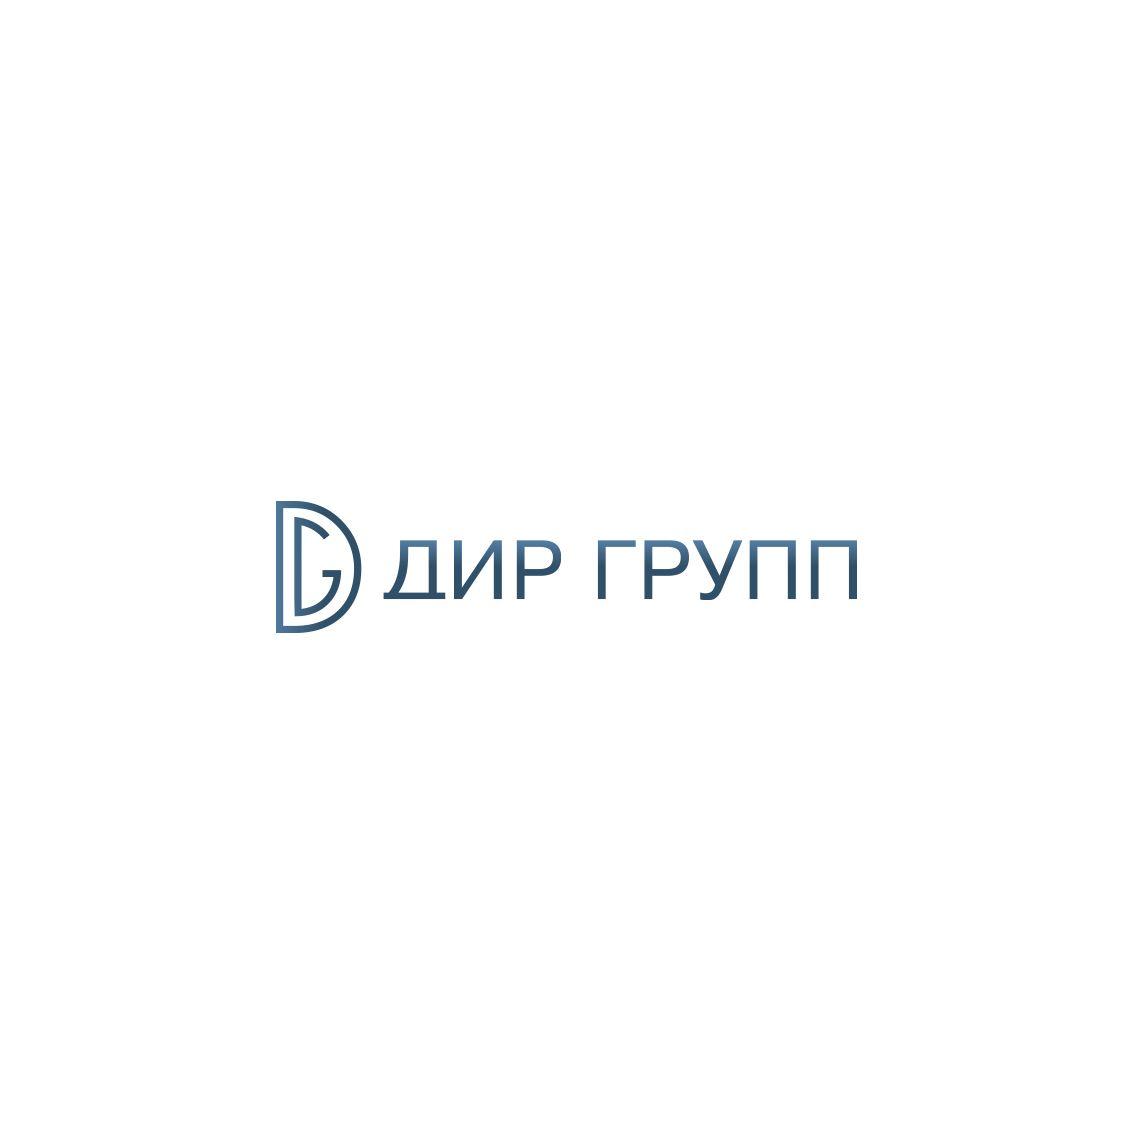 Логотип для финансового брокера ДИГ - дизайнер mkravchenko